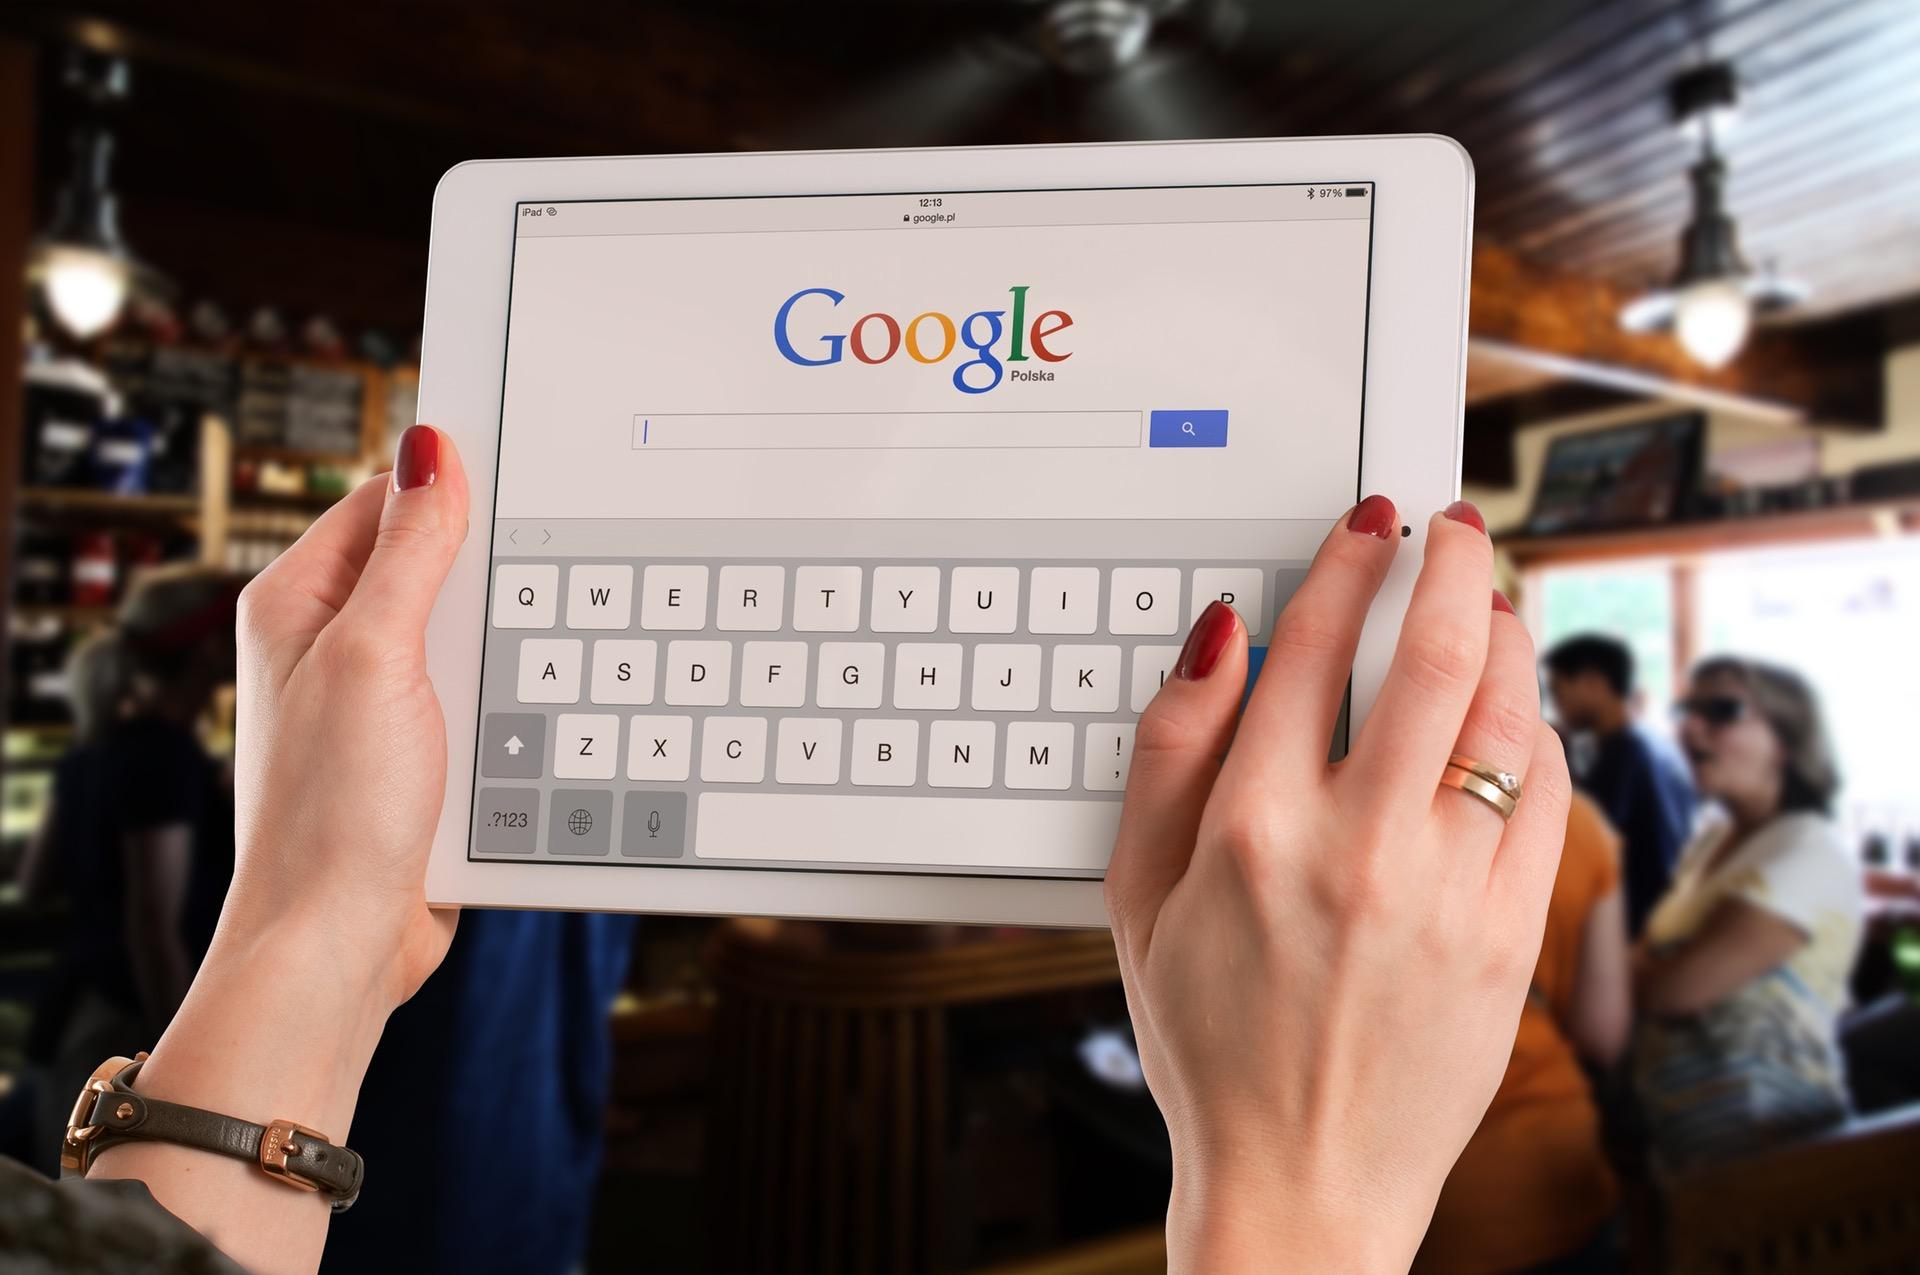 Według Google najlepsza agencja jest ... Nagrody bar local cong ireland 38286